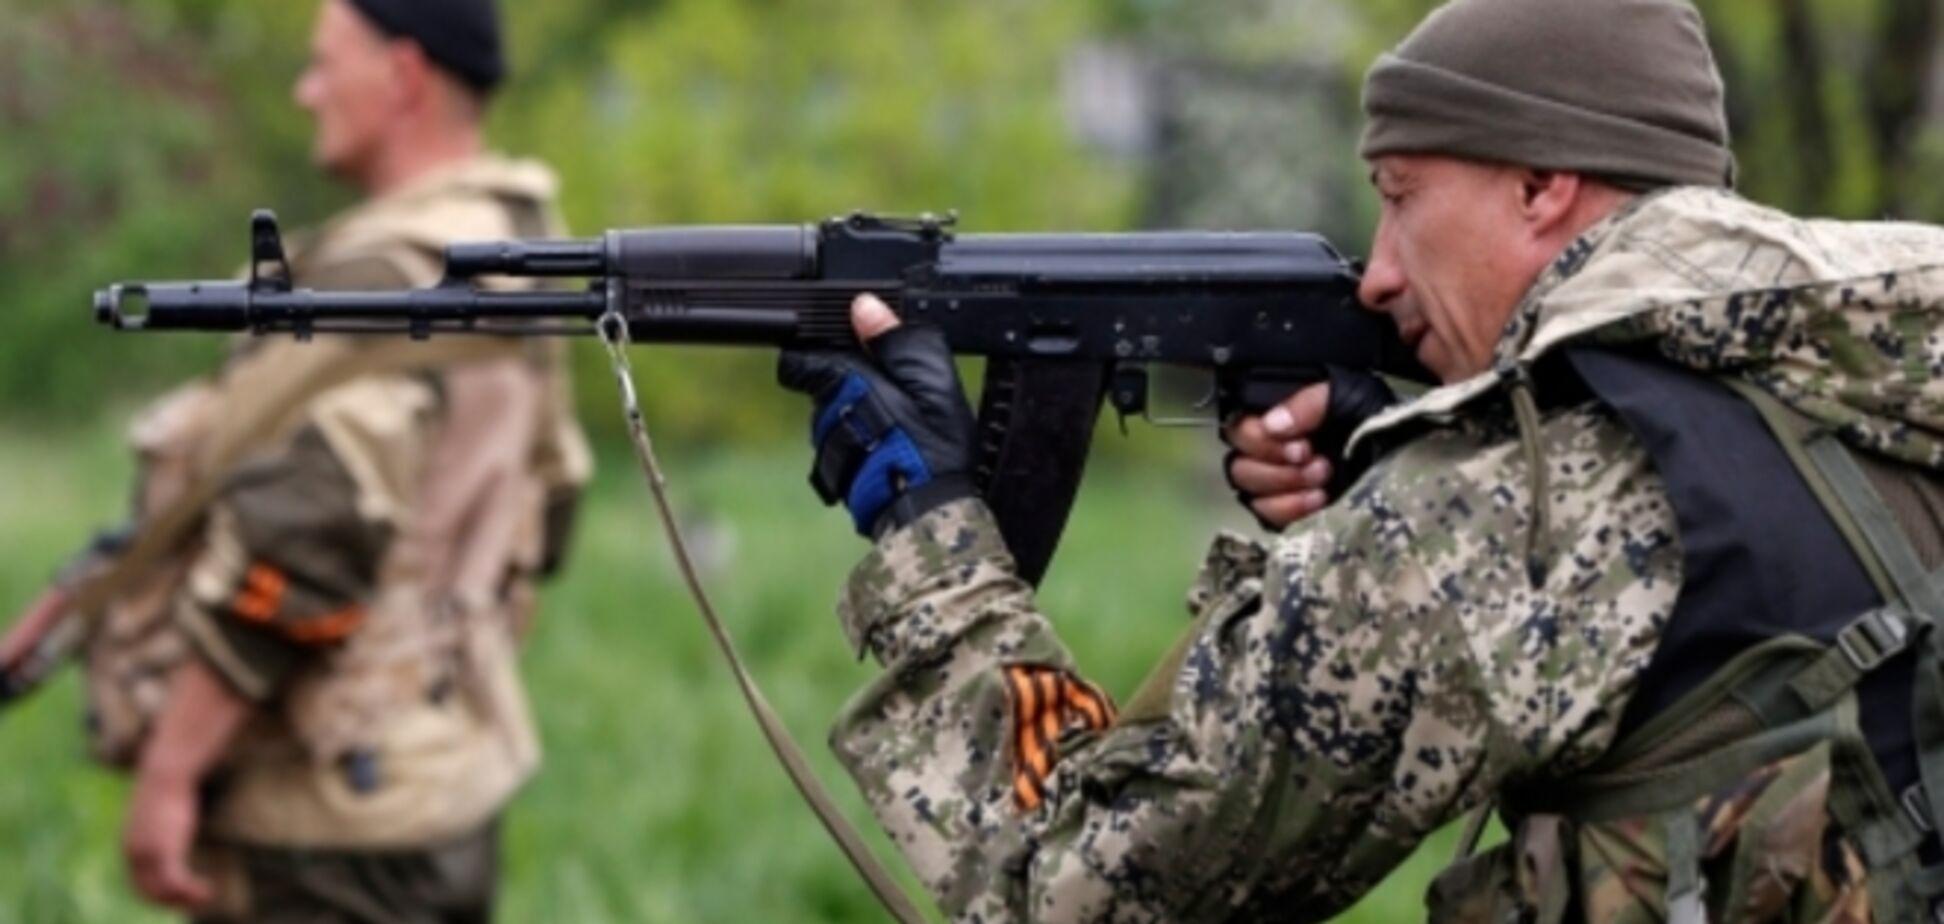 Военные попали в засаду террористов под Краматорском: есть жертвы. Видеофакт